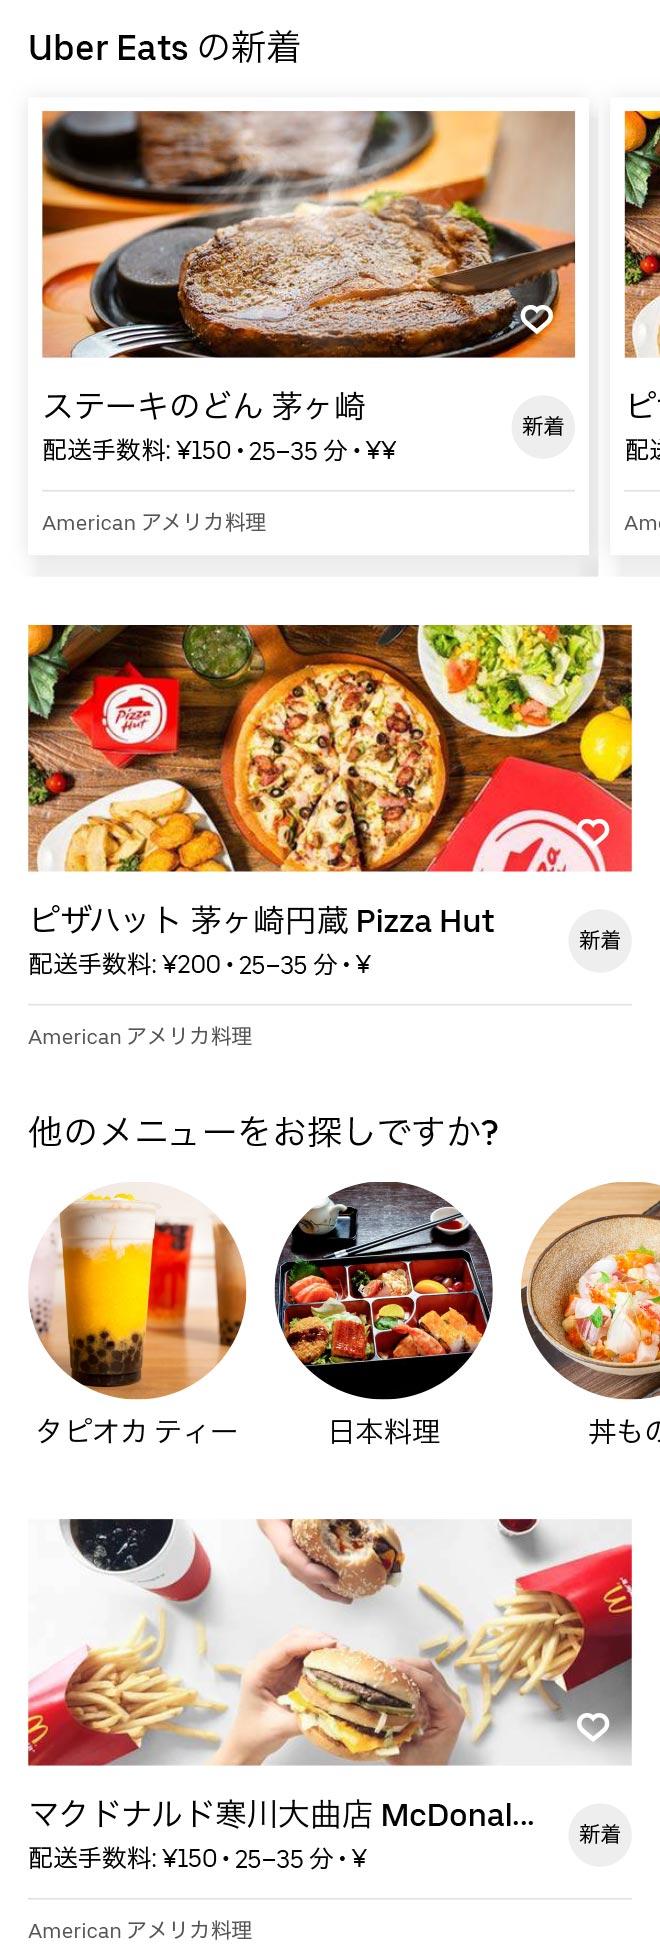 Chigasaki kagawa menu 2008 02